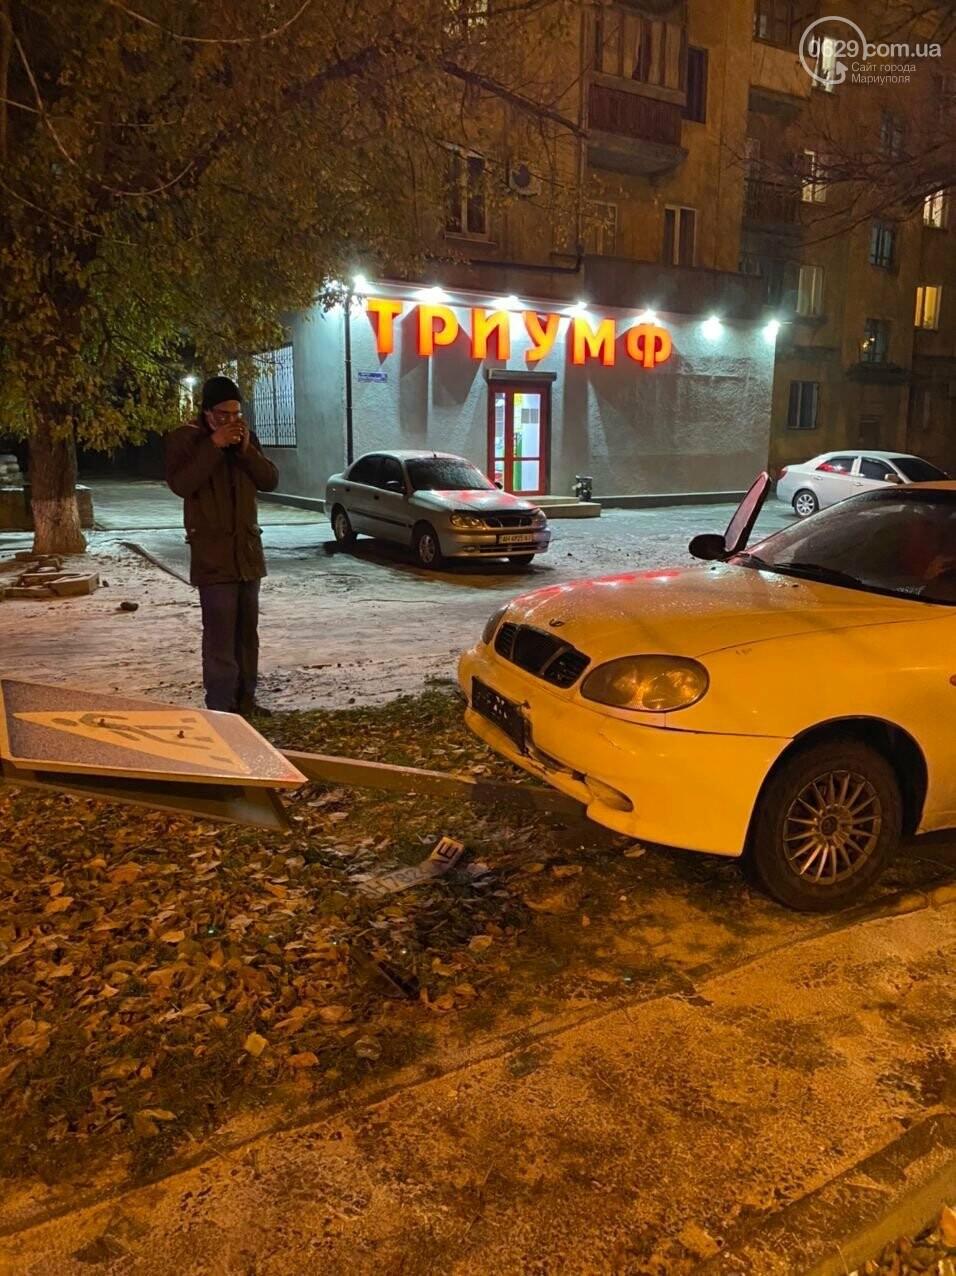 Снег выпал. В Мариуполе сразу несколько аварий на скользких  дорогах,- ФОТО, фото-3